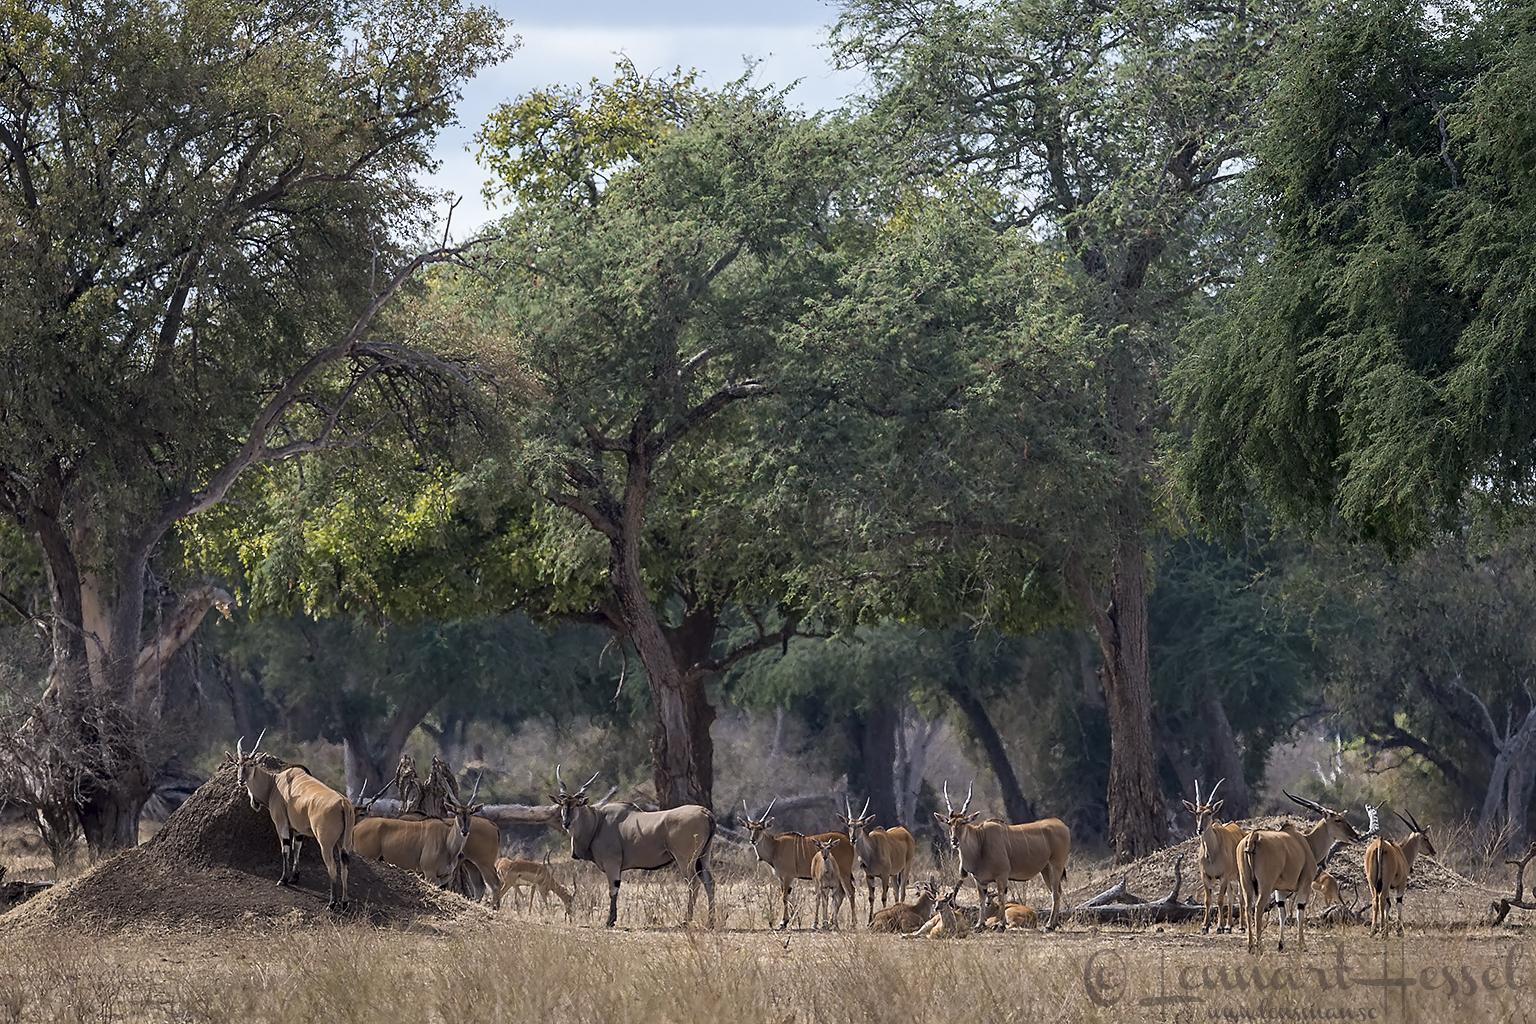 Eland herd Mana Pools National Park Zimbabwe